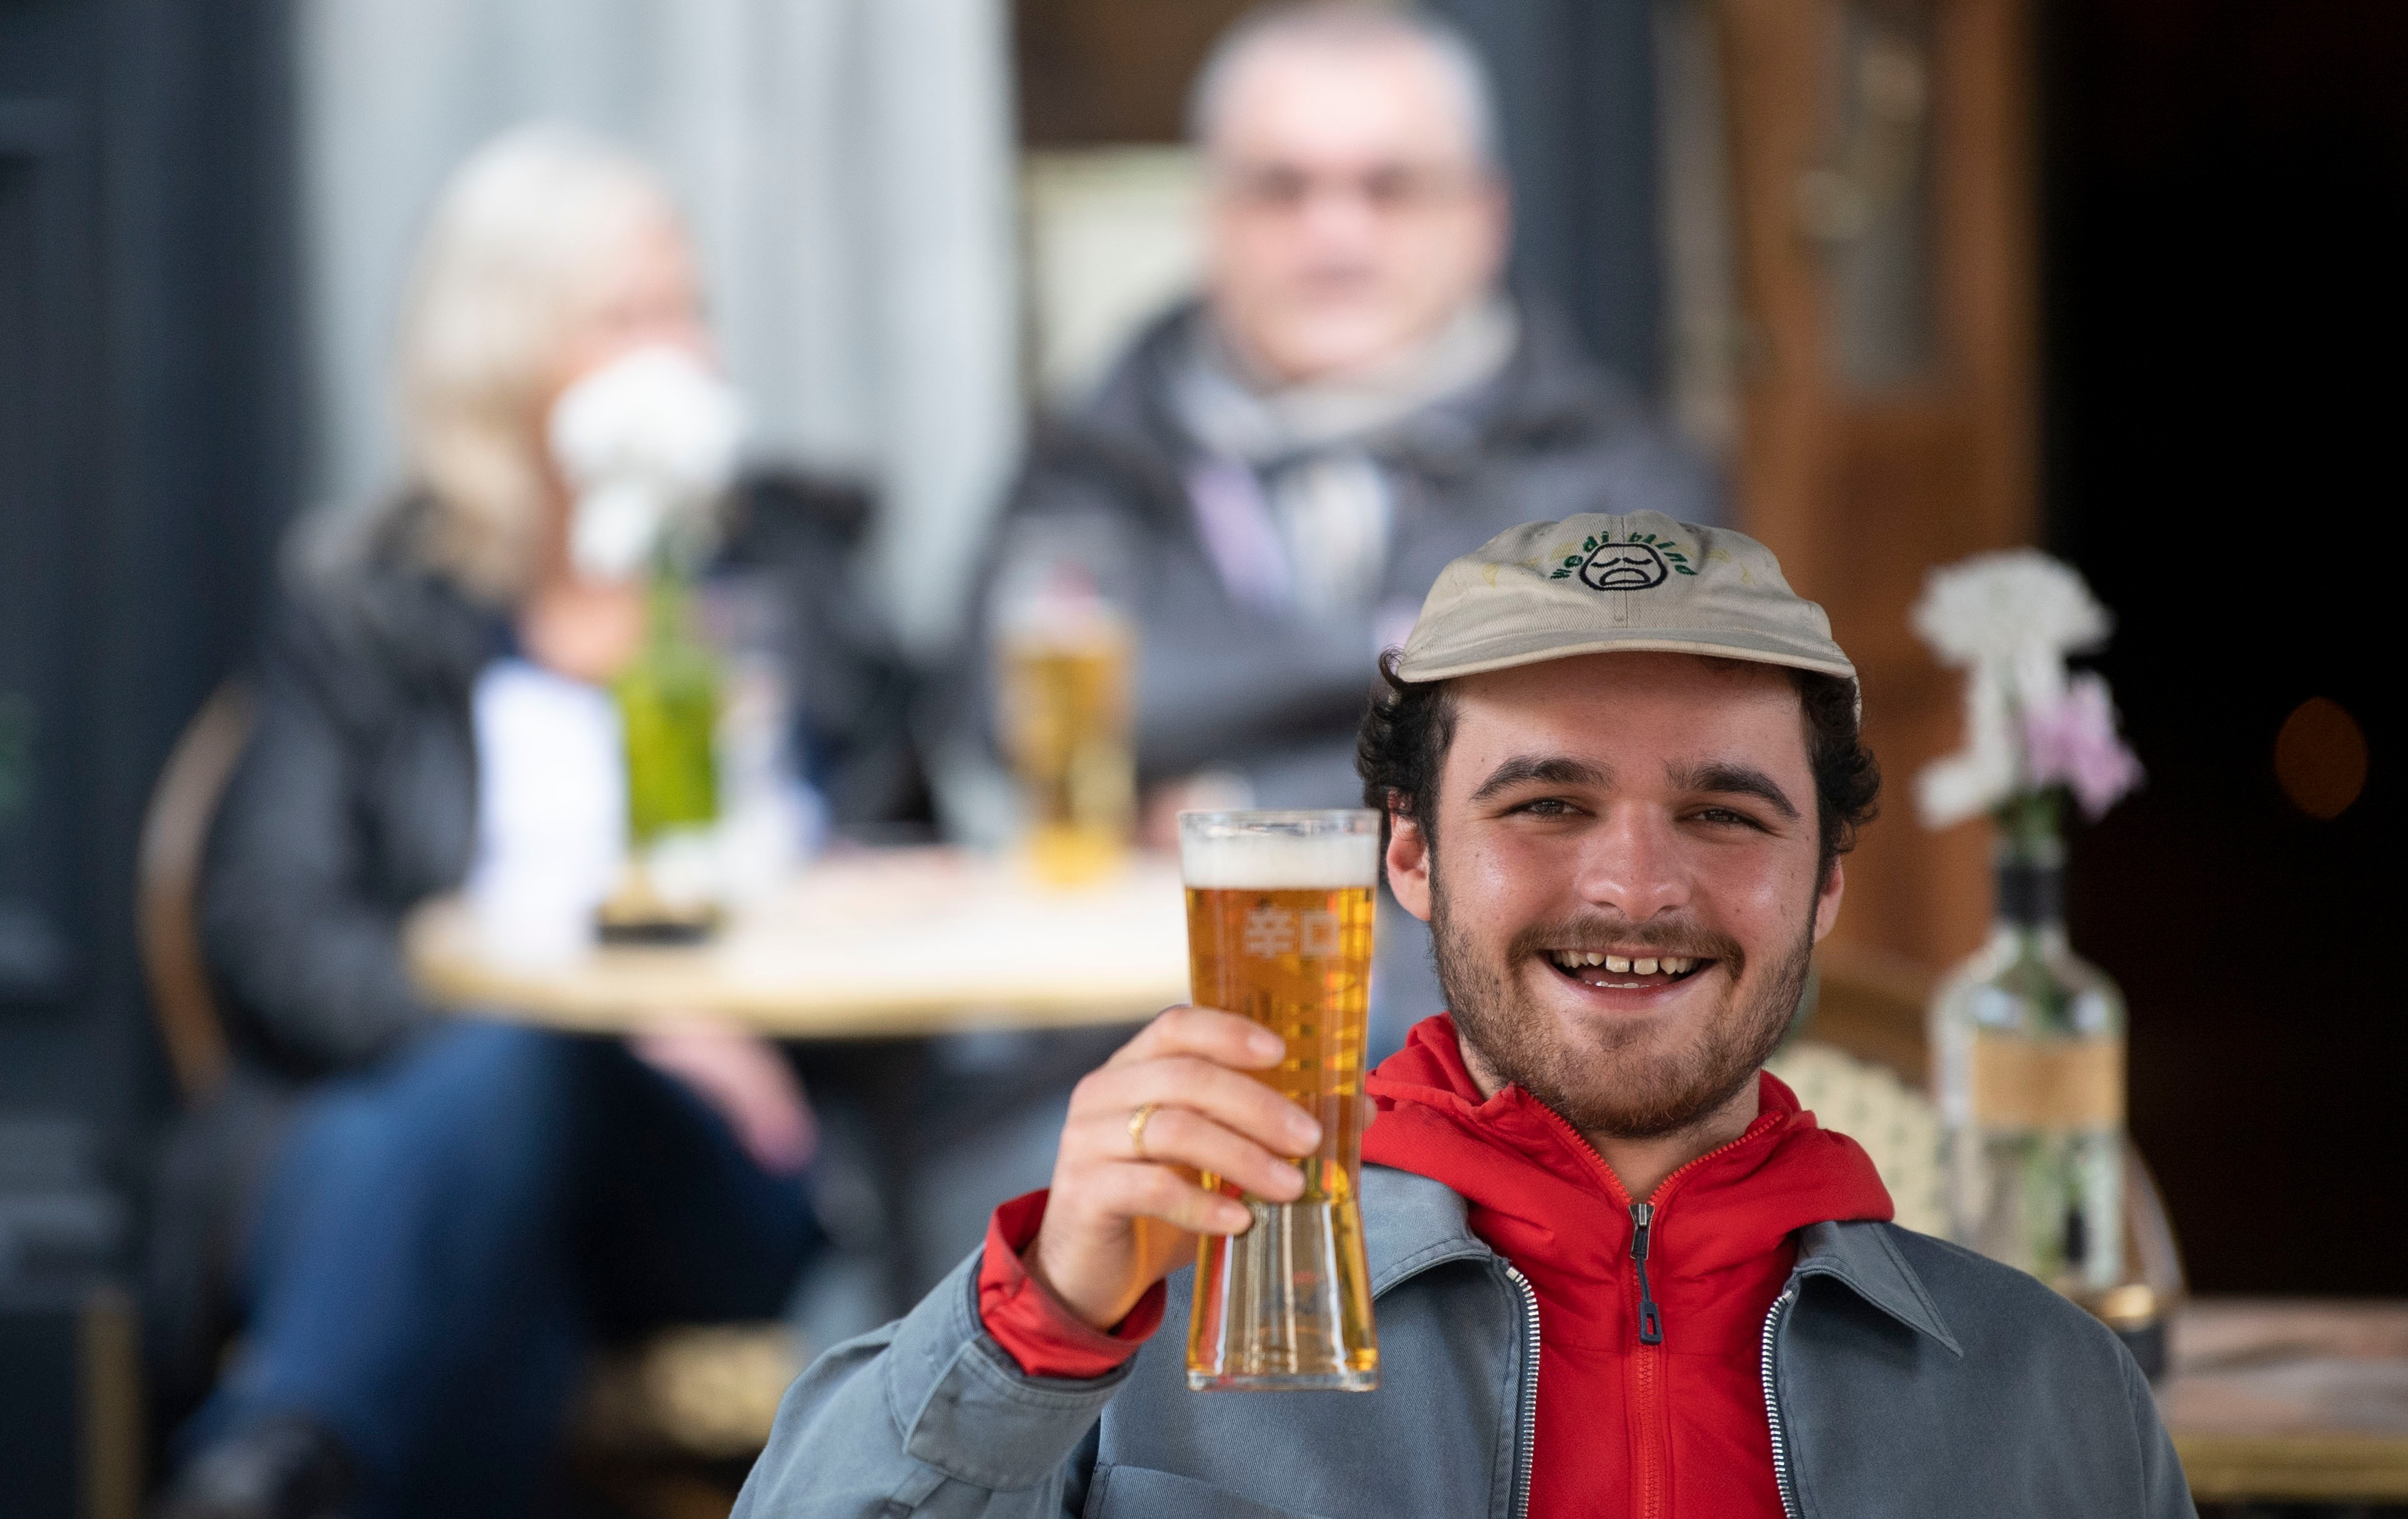 A punter enjoying a pint in Wales last week